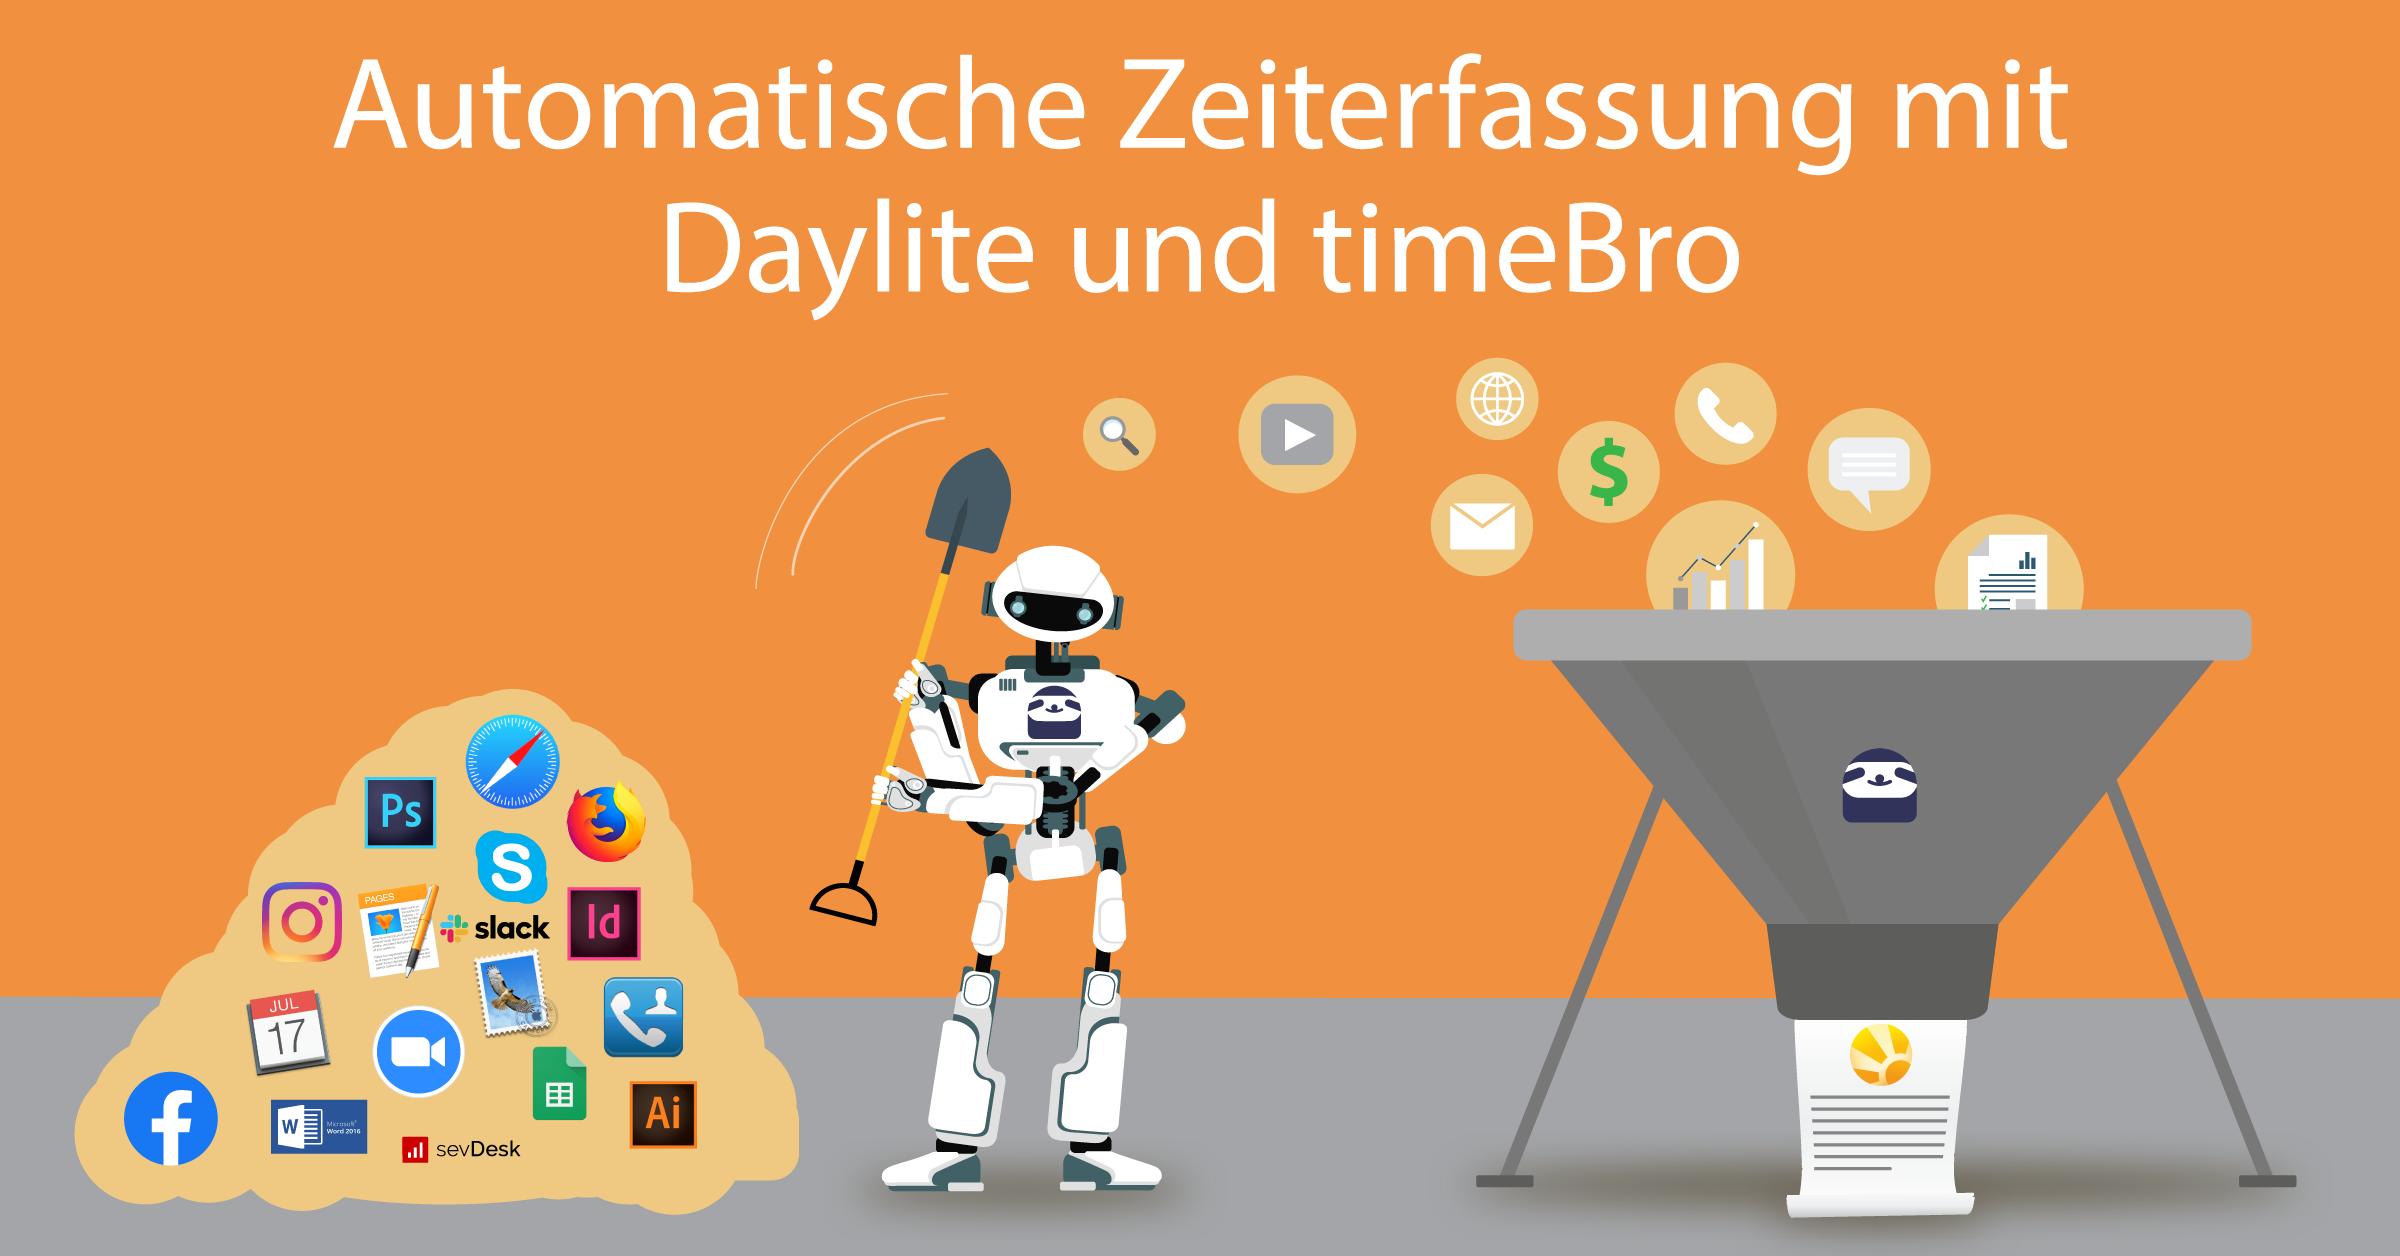 Automatische Zeiterfassung jetzt in Daylite integriert